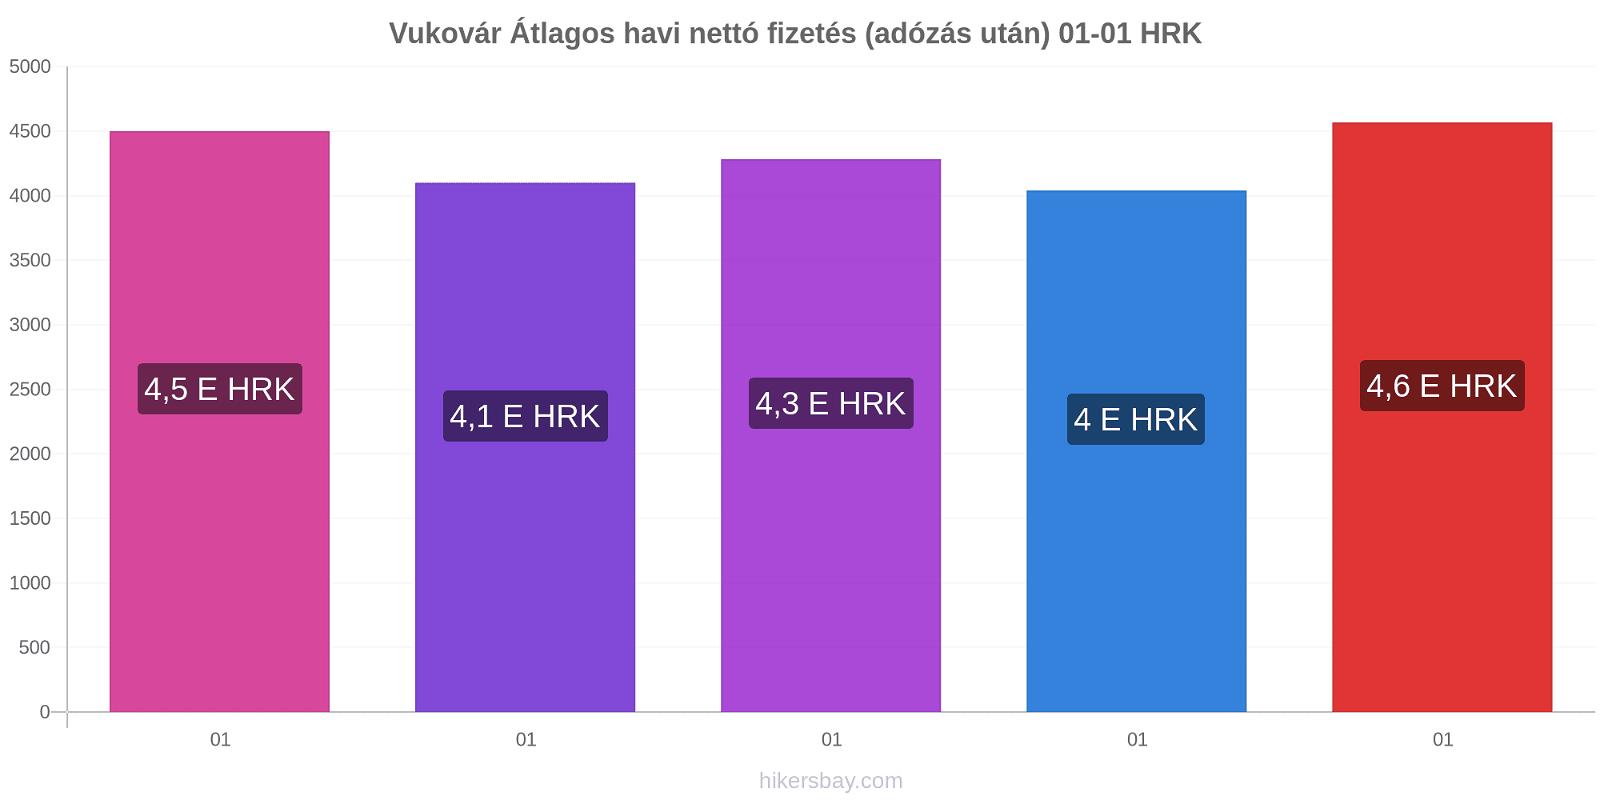 Vukovár árváltozások Átlagos havi nettó fizetés (adózás után) hikersbay.com